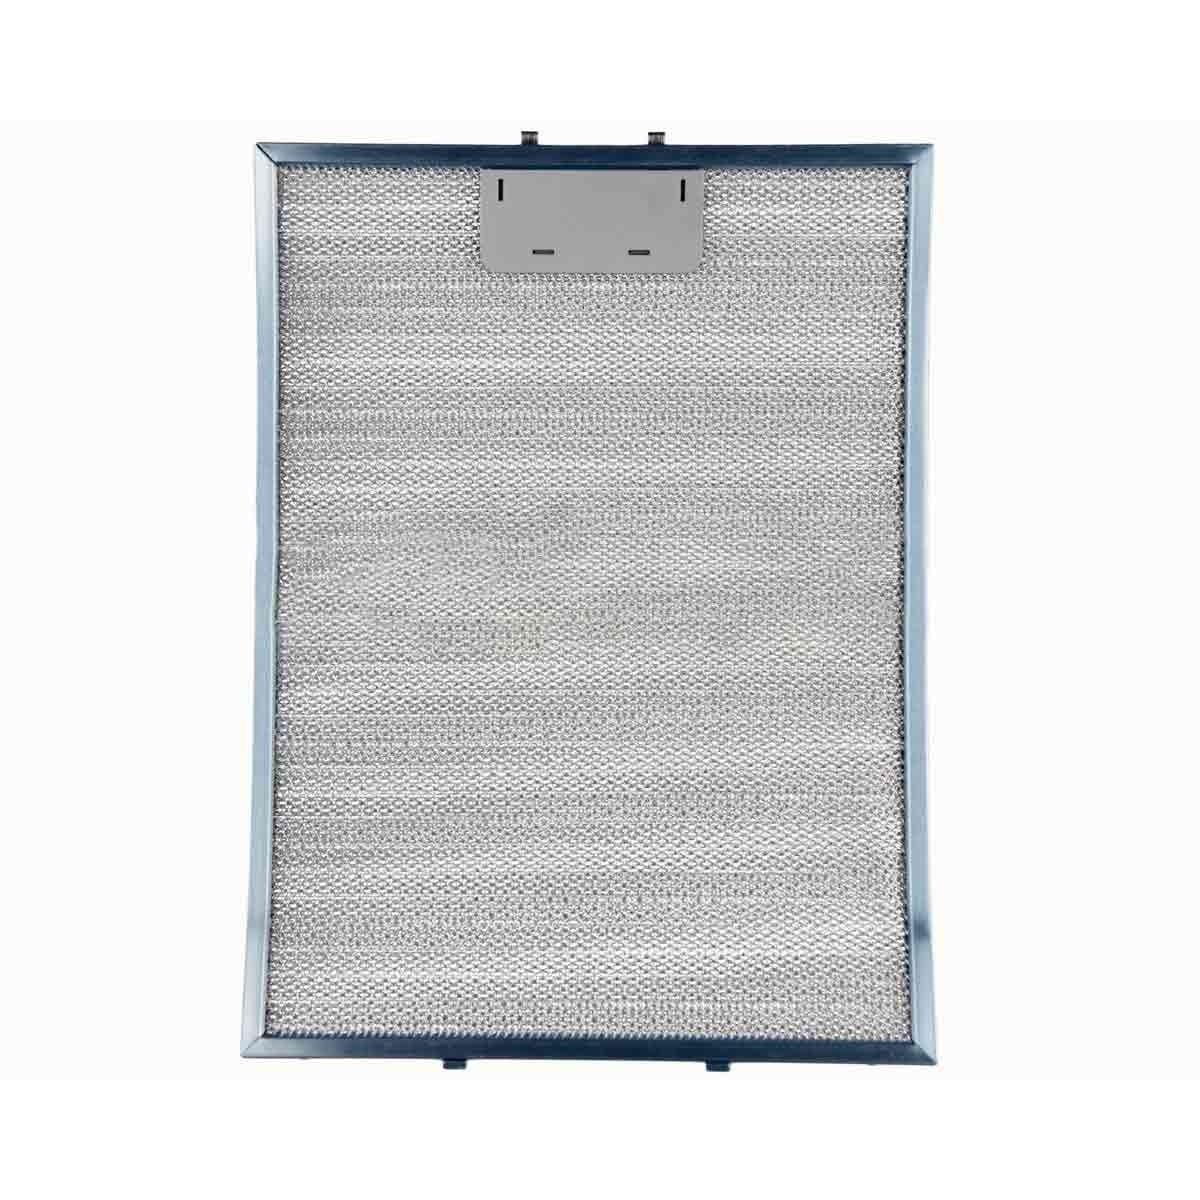 Sonda de temperatura caldera ferroli